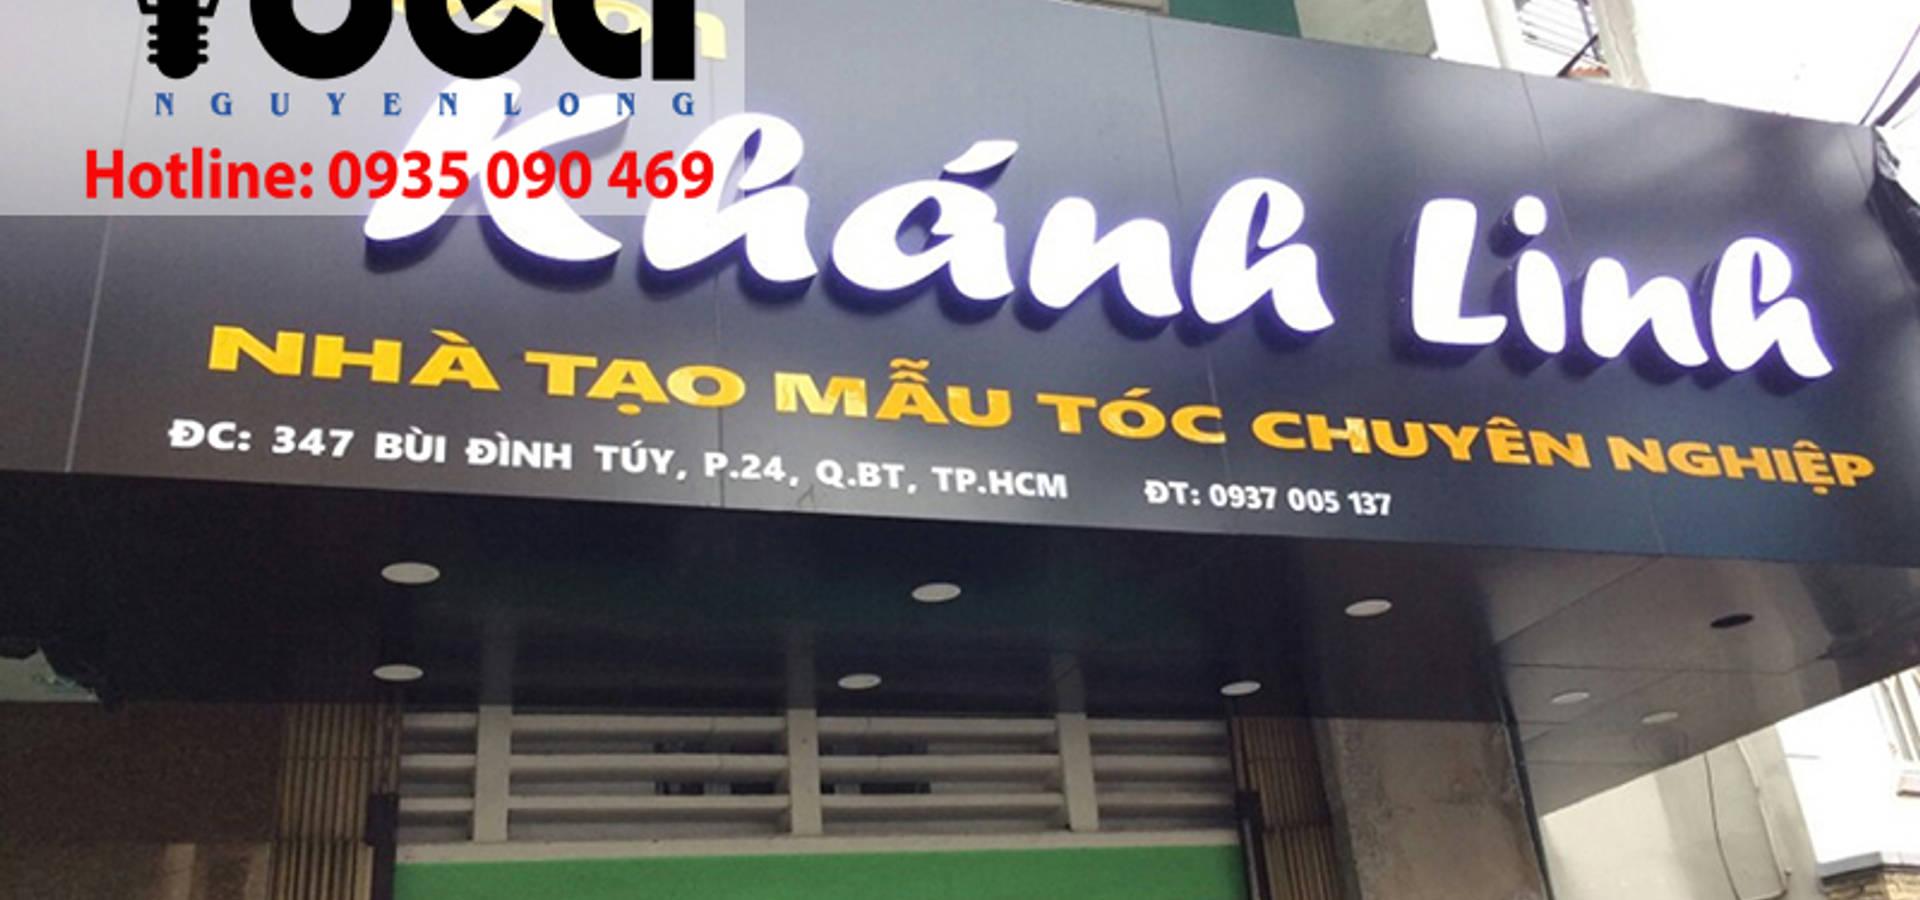 Thiết kế in ấn bảng hiệu Nguyễn Long Idea